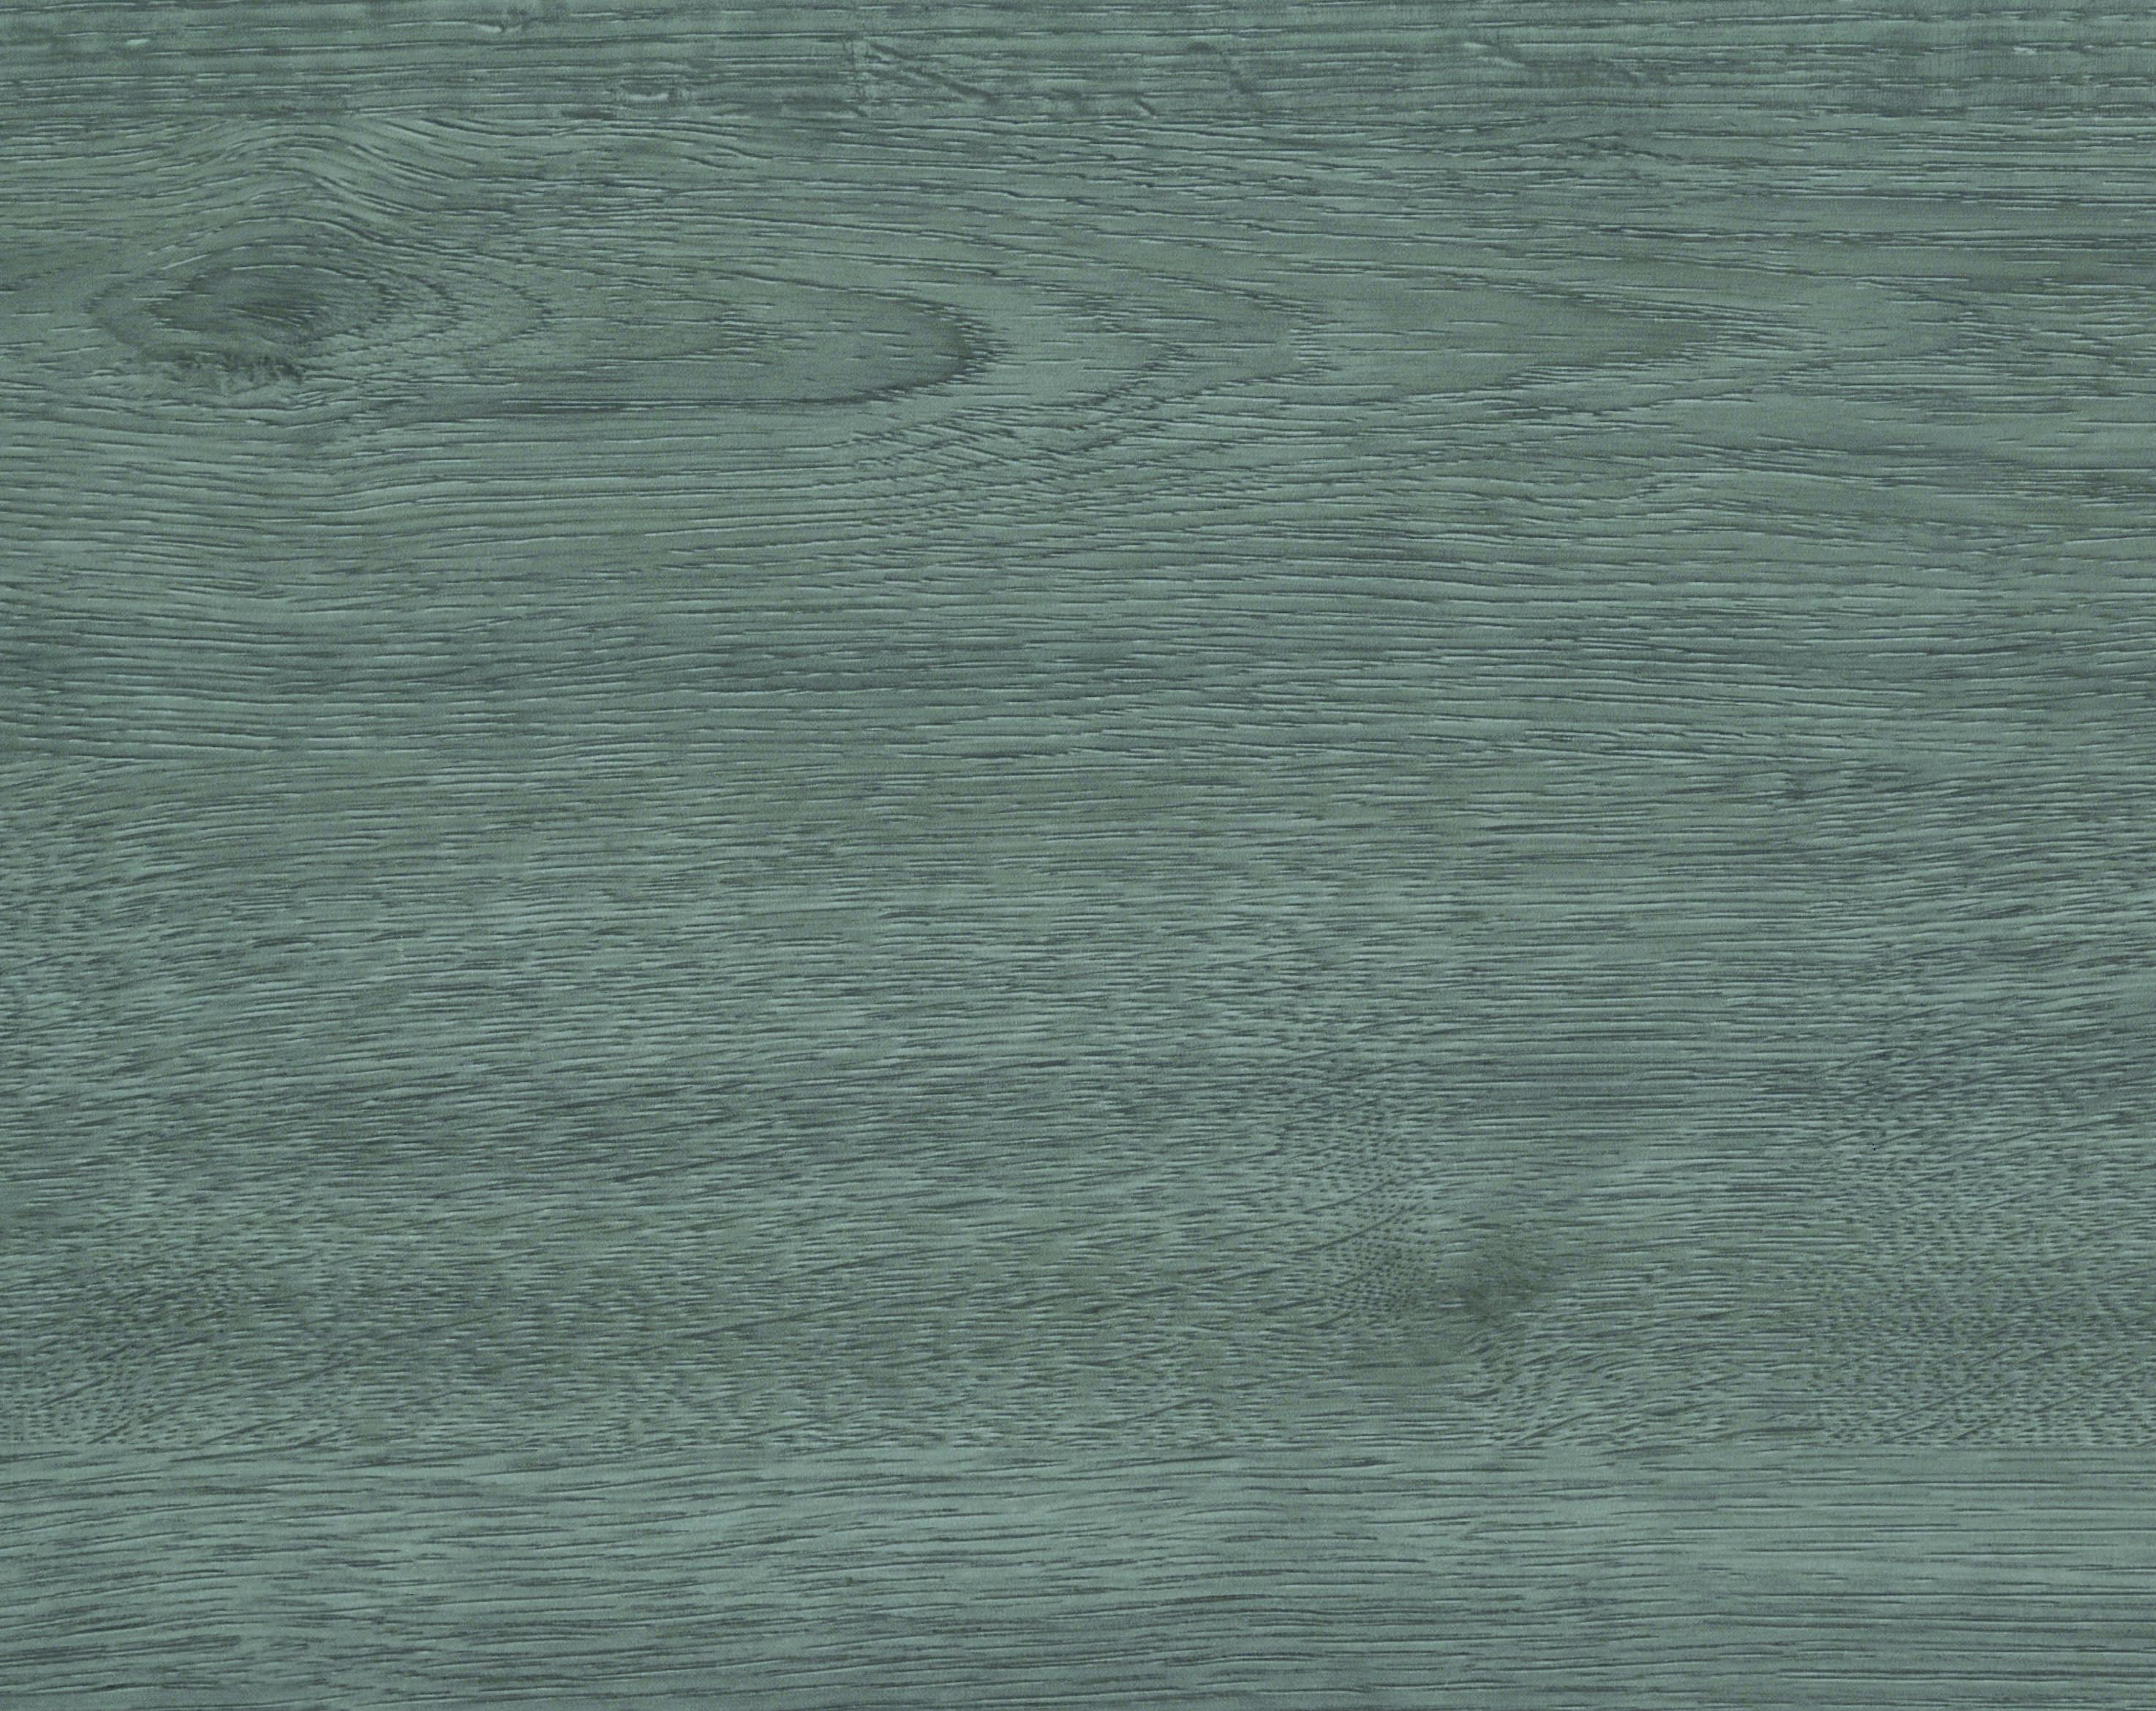 Antraciet Pvc Vloer : Pvc vloer eiken antraciet modern natuurlijk pvc vloeren